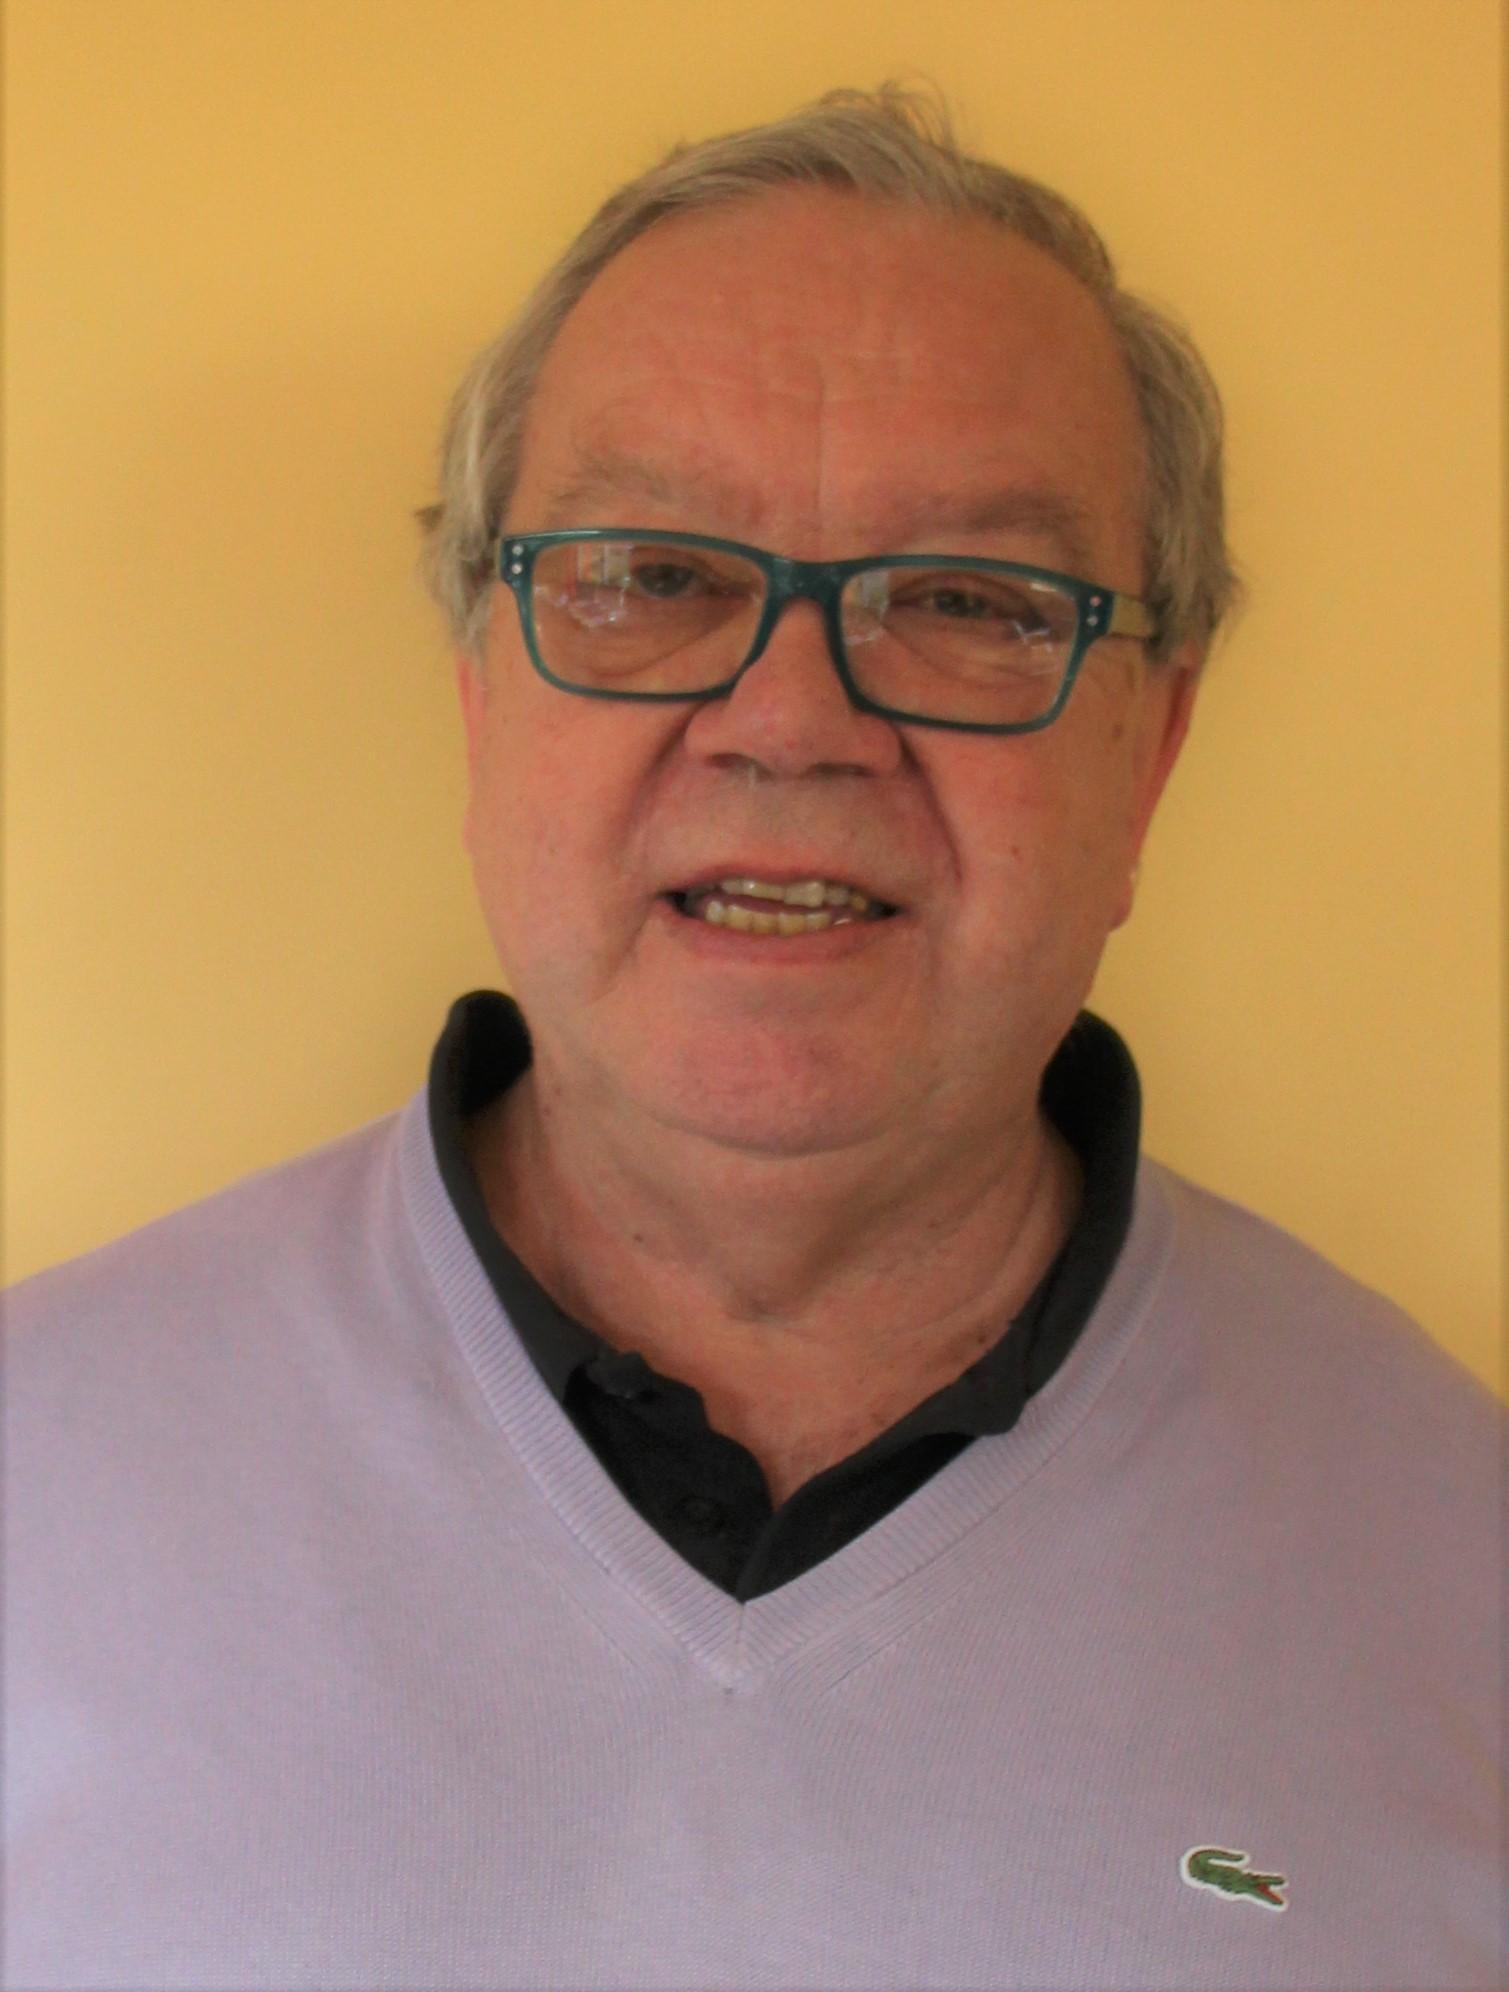 Edouard Debelder